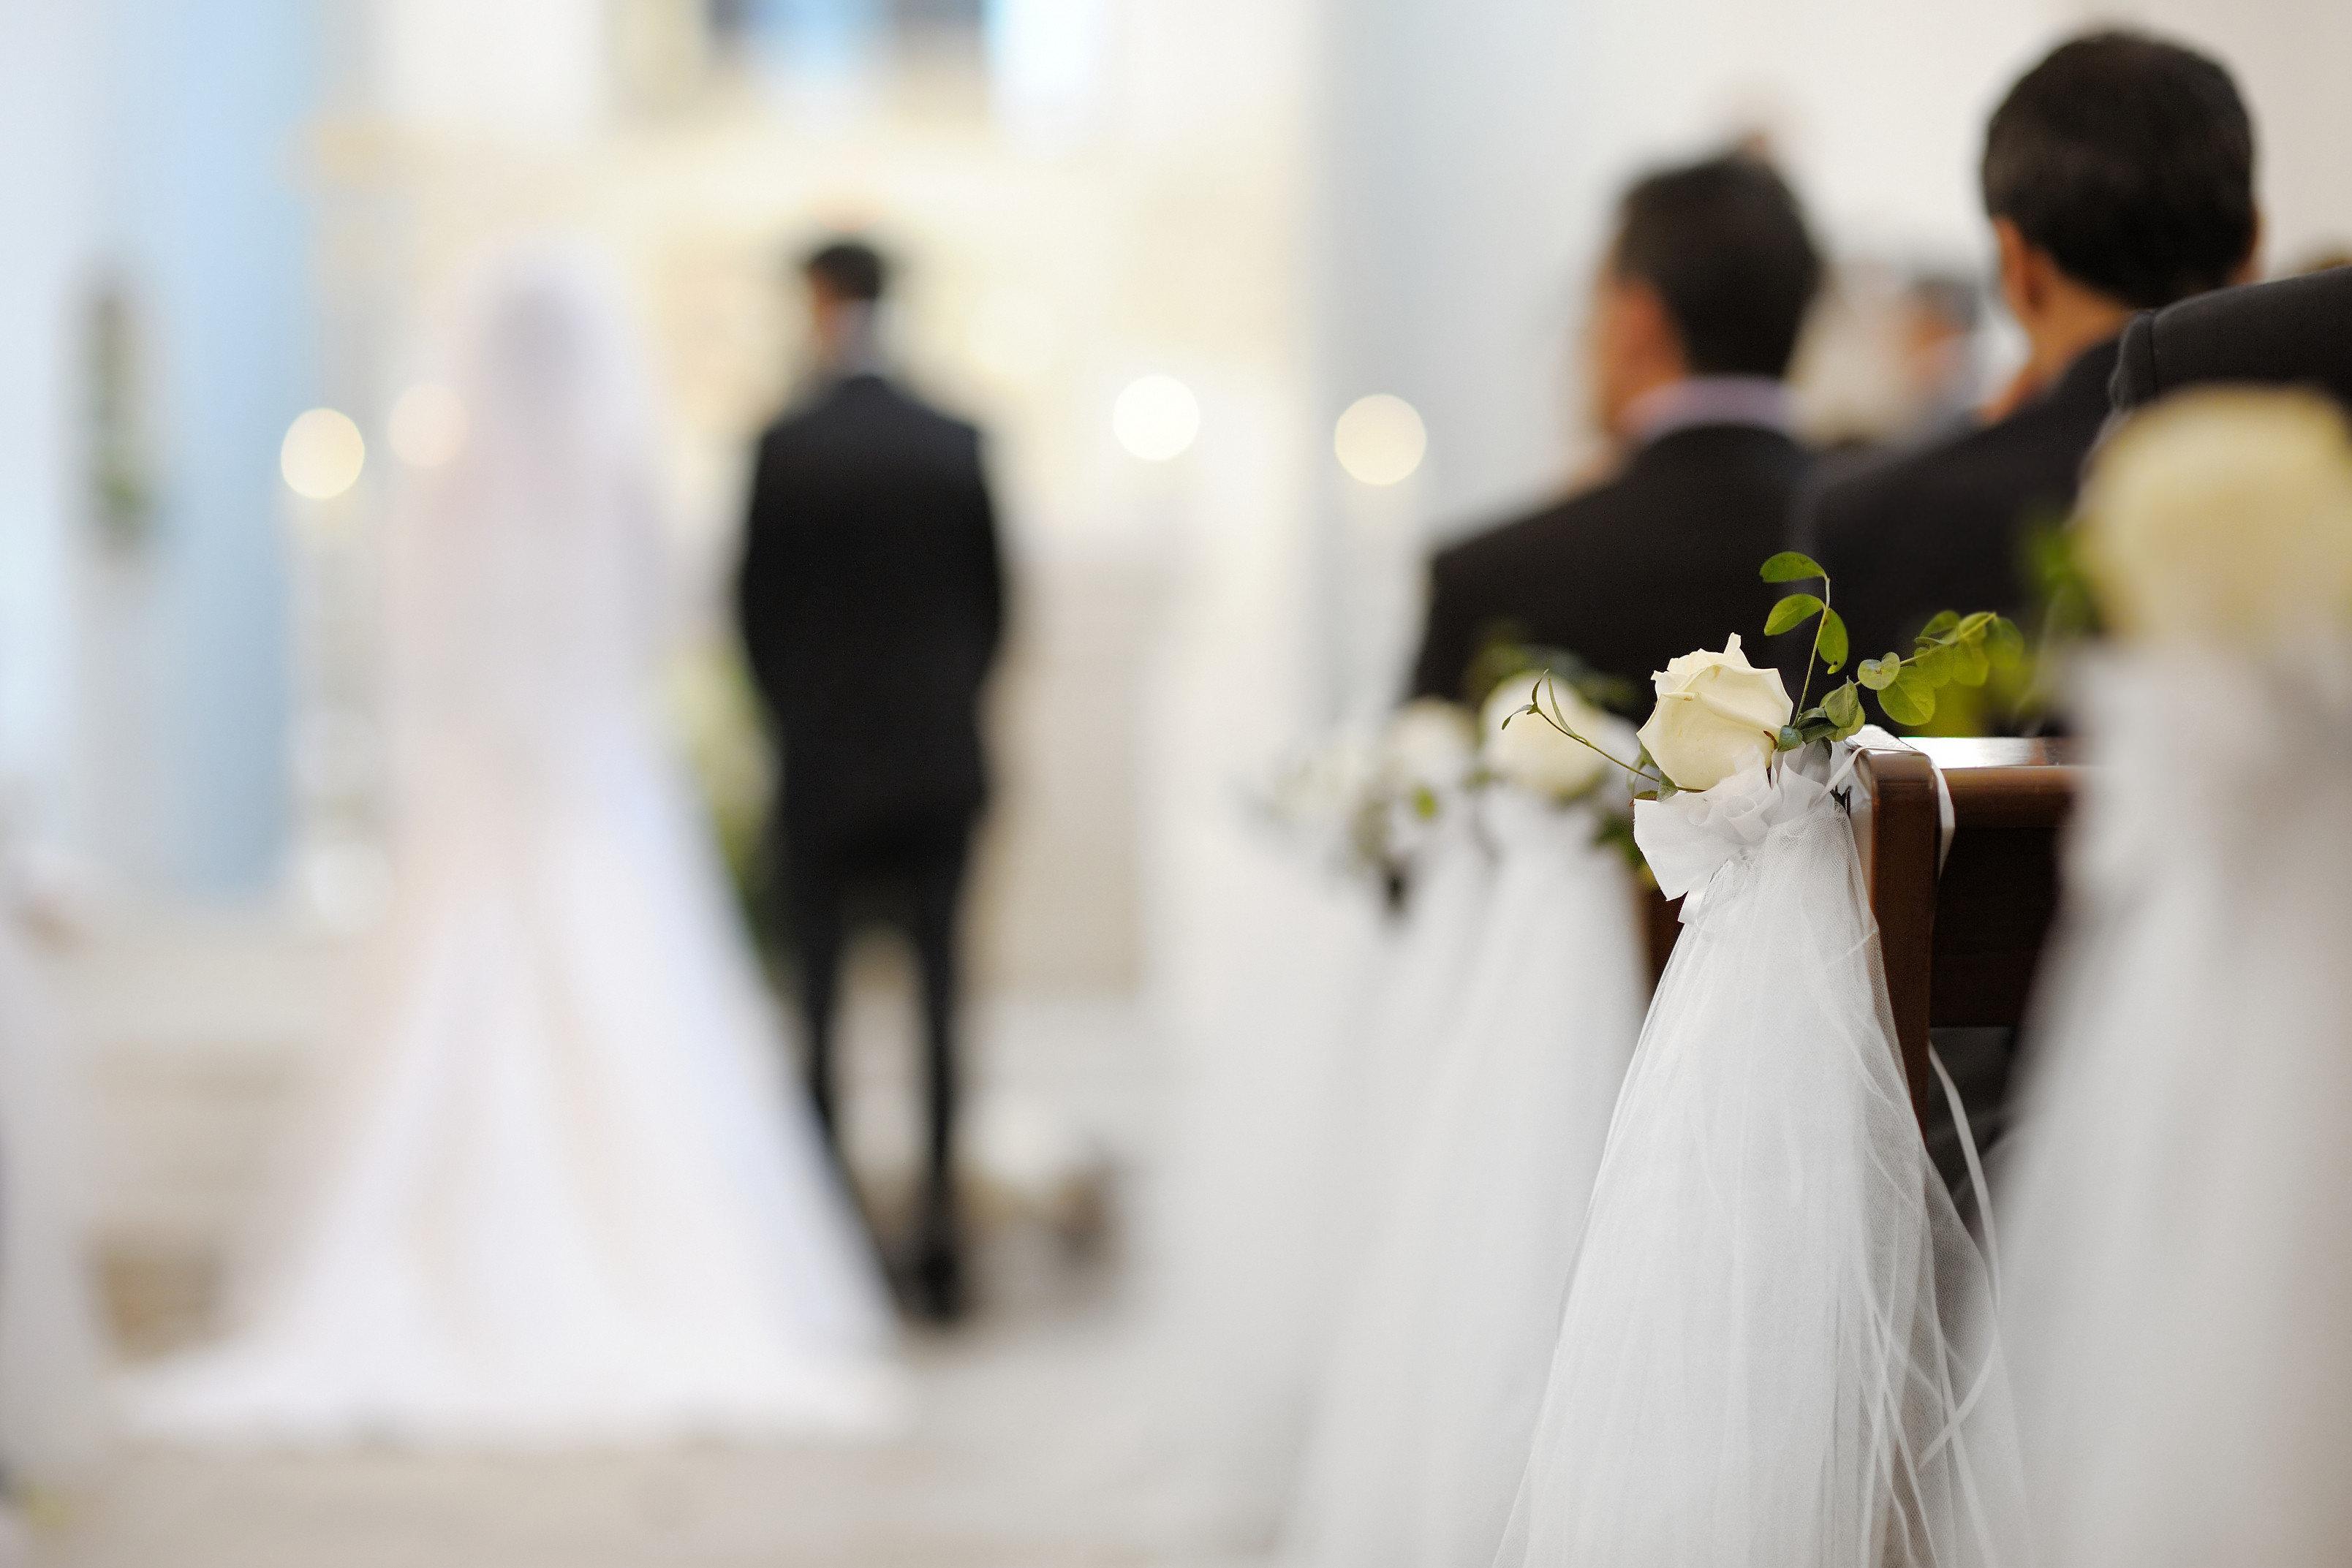 Should divorce be harder to get